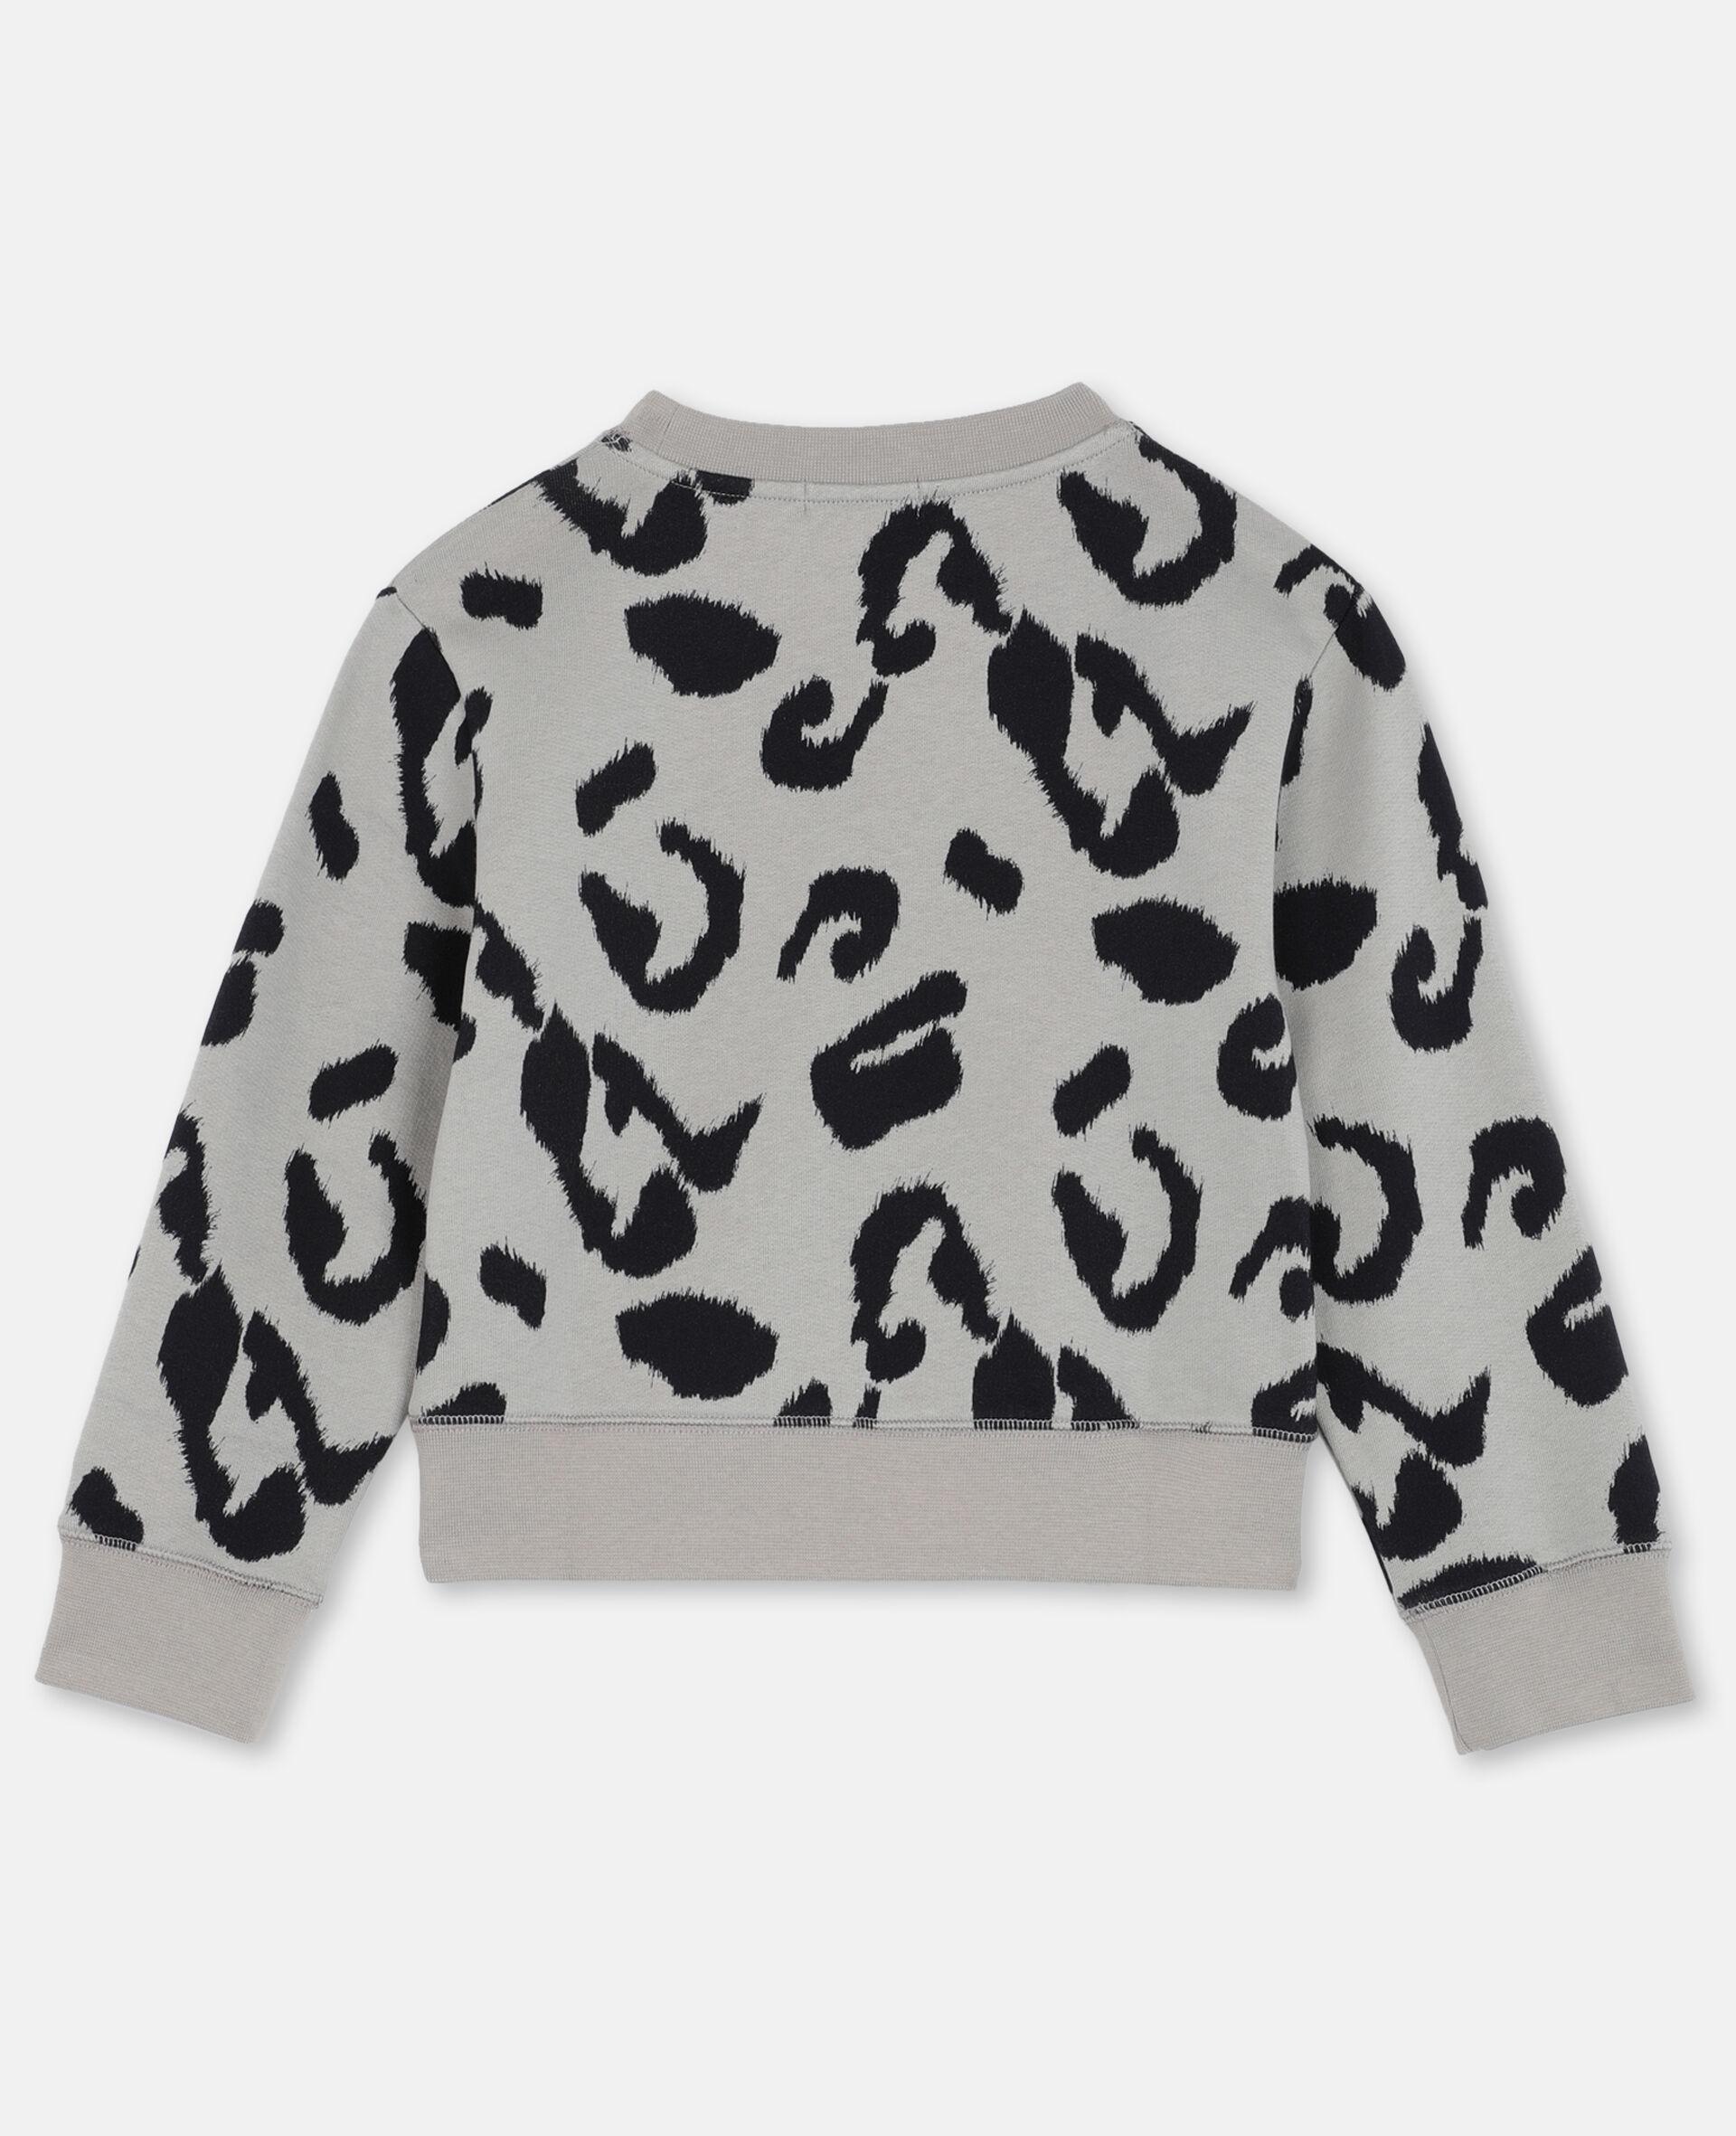 Sweat-shirt en molleton de coton léopard -Fantaisie-large image number 3